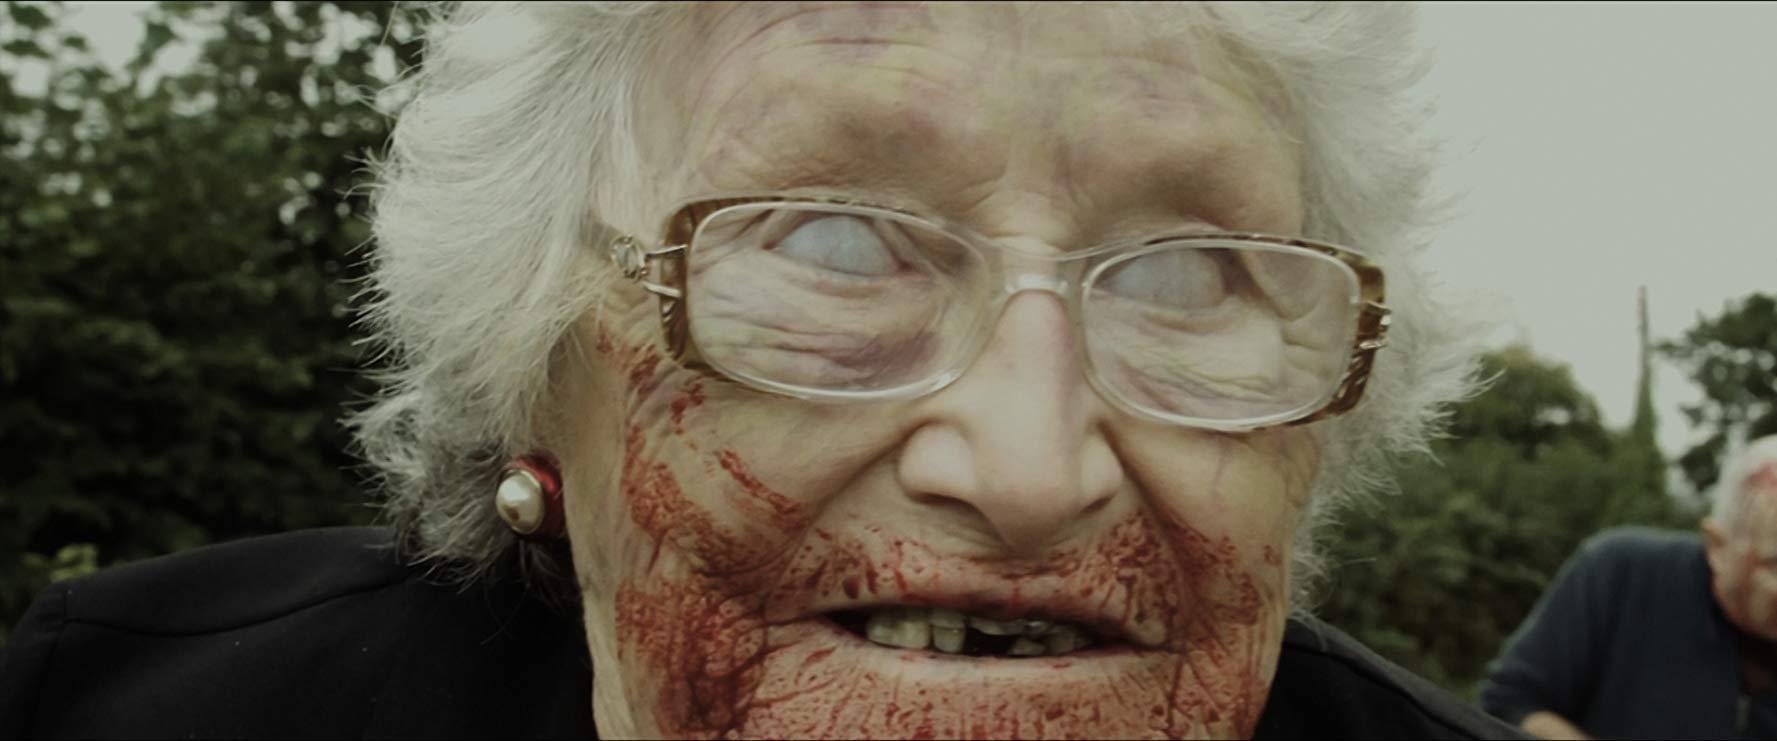 مشاهدة فيلم Granny Of The Dead 2017 HD مترجم كامل اون لاين